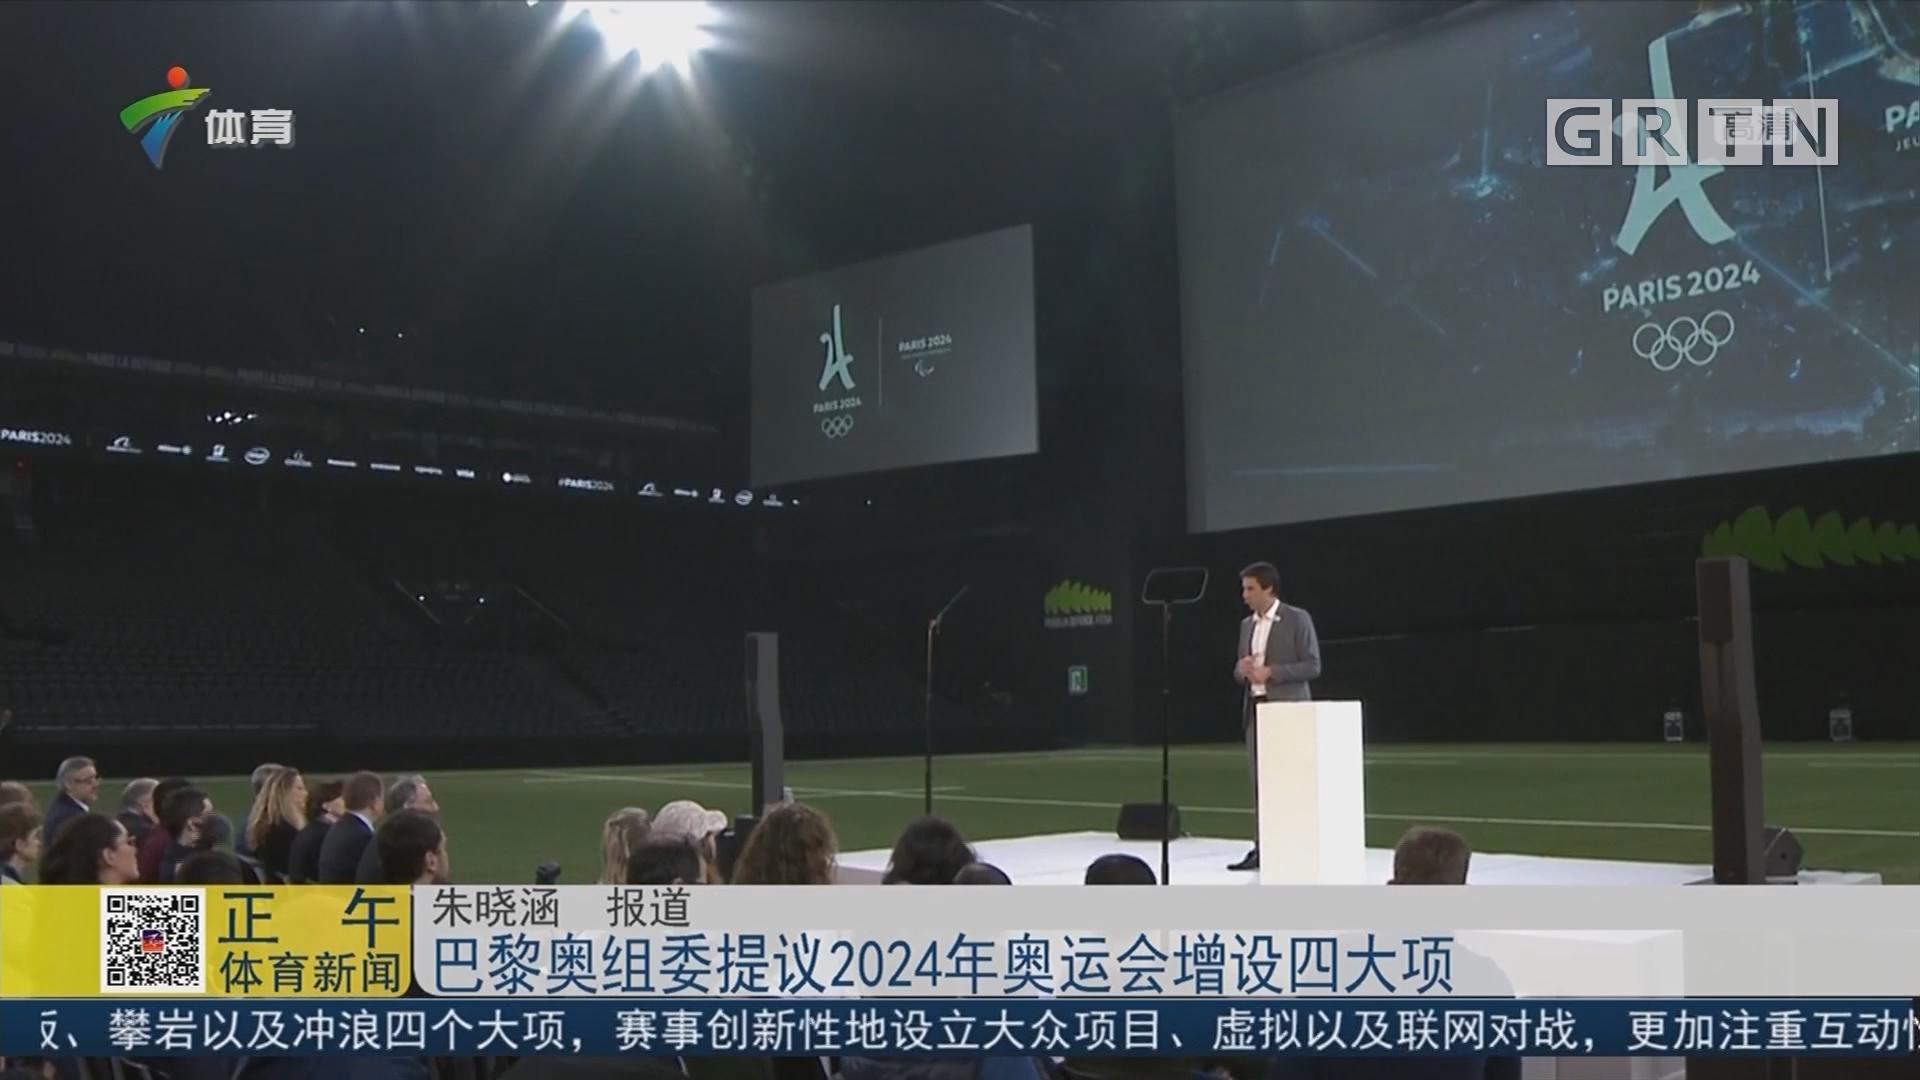 巴黎奥组委提议2024年奥运会增设四大项